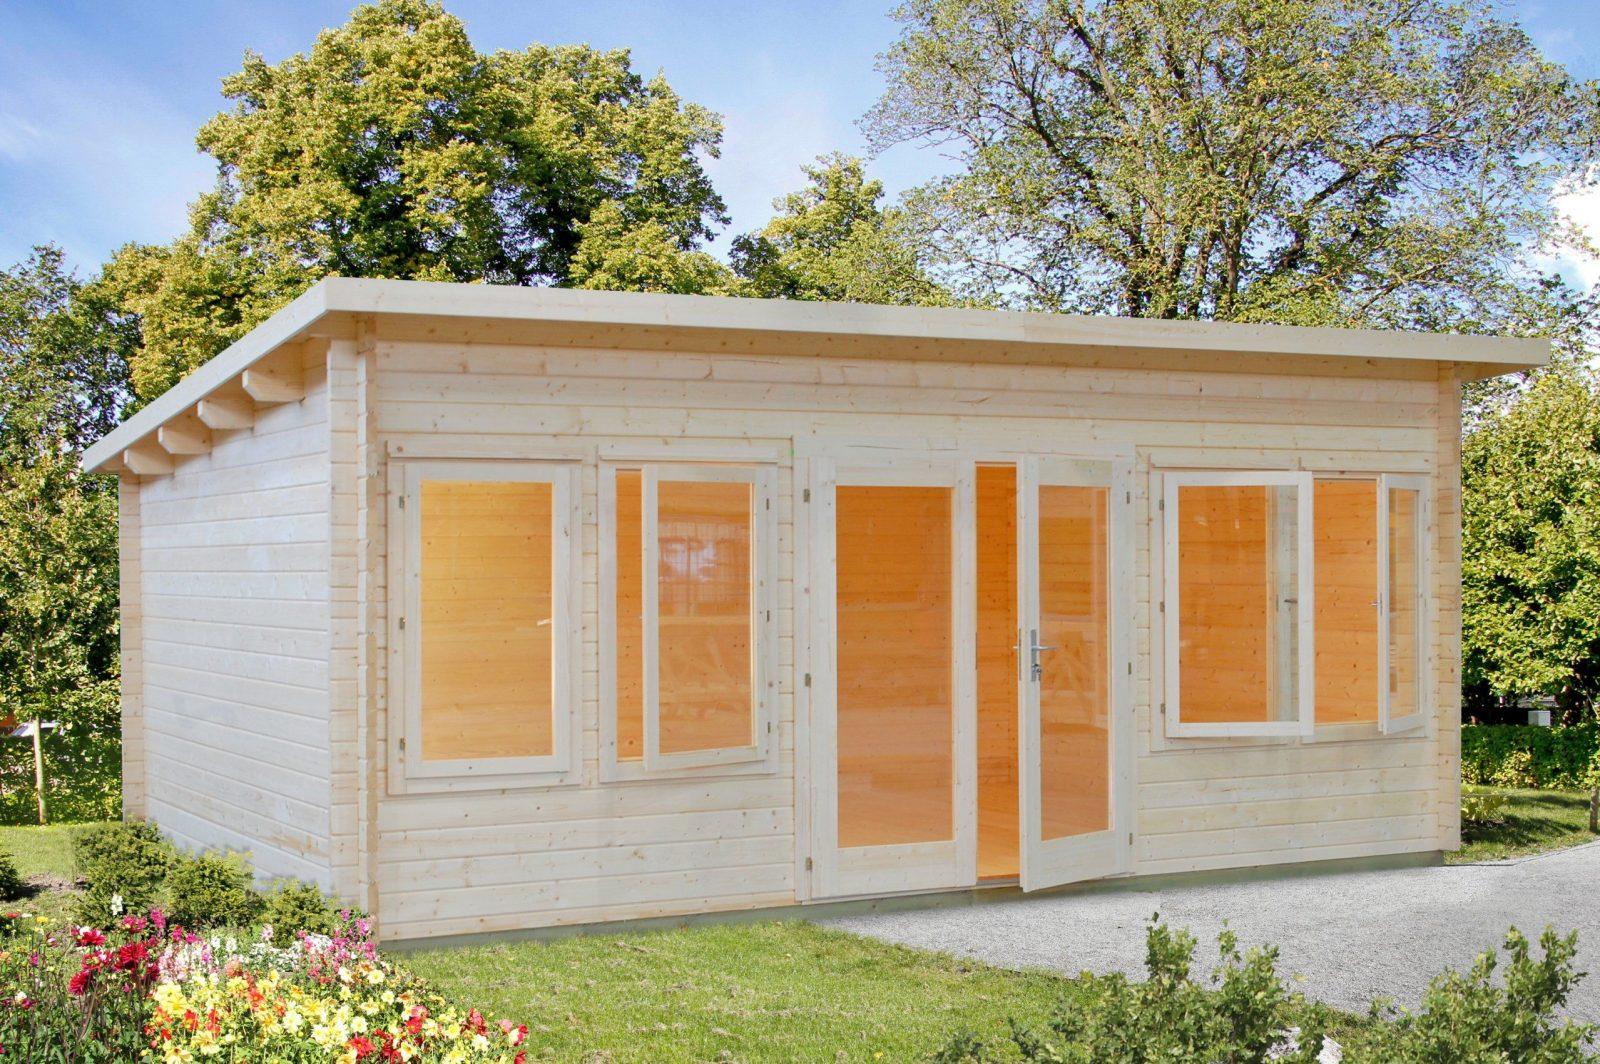 Elegant Gartenhaus Holz X  Queerlandia von Gartenhaus 3 X 4 Meter Bild